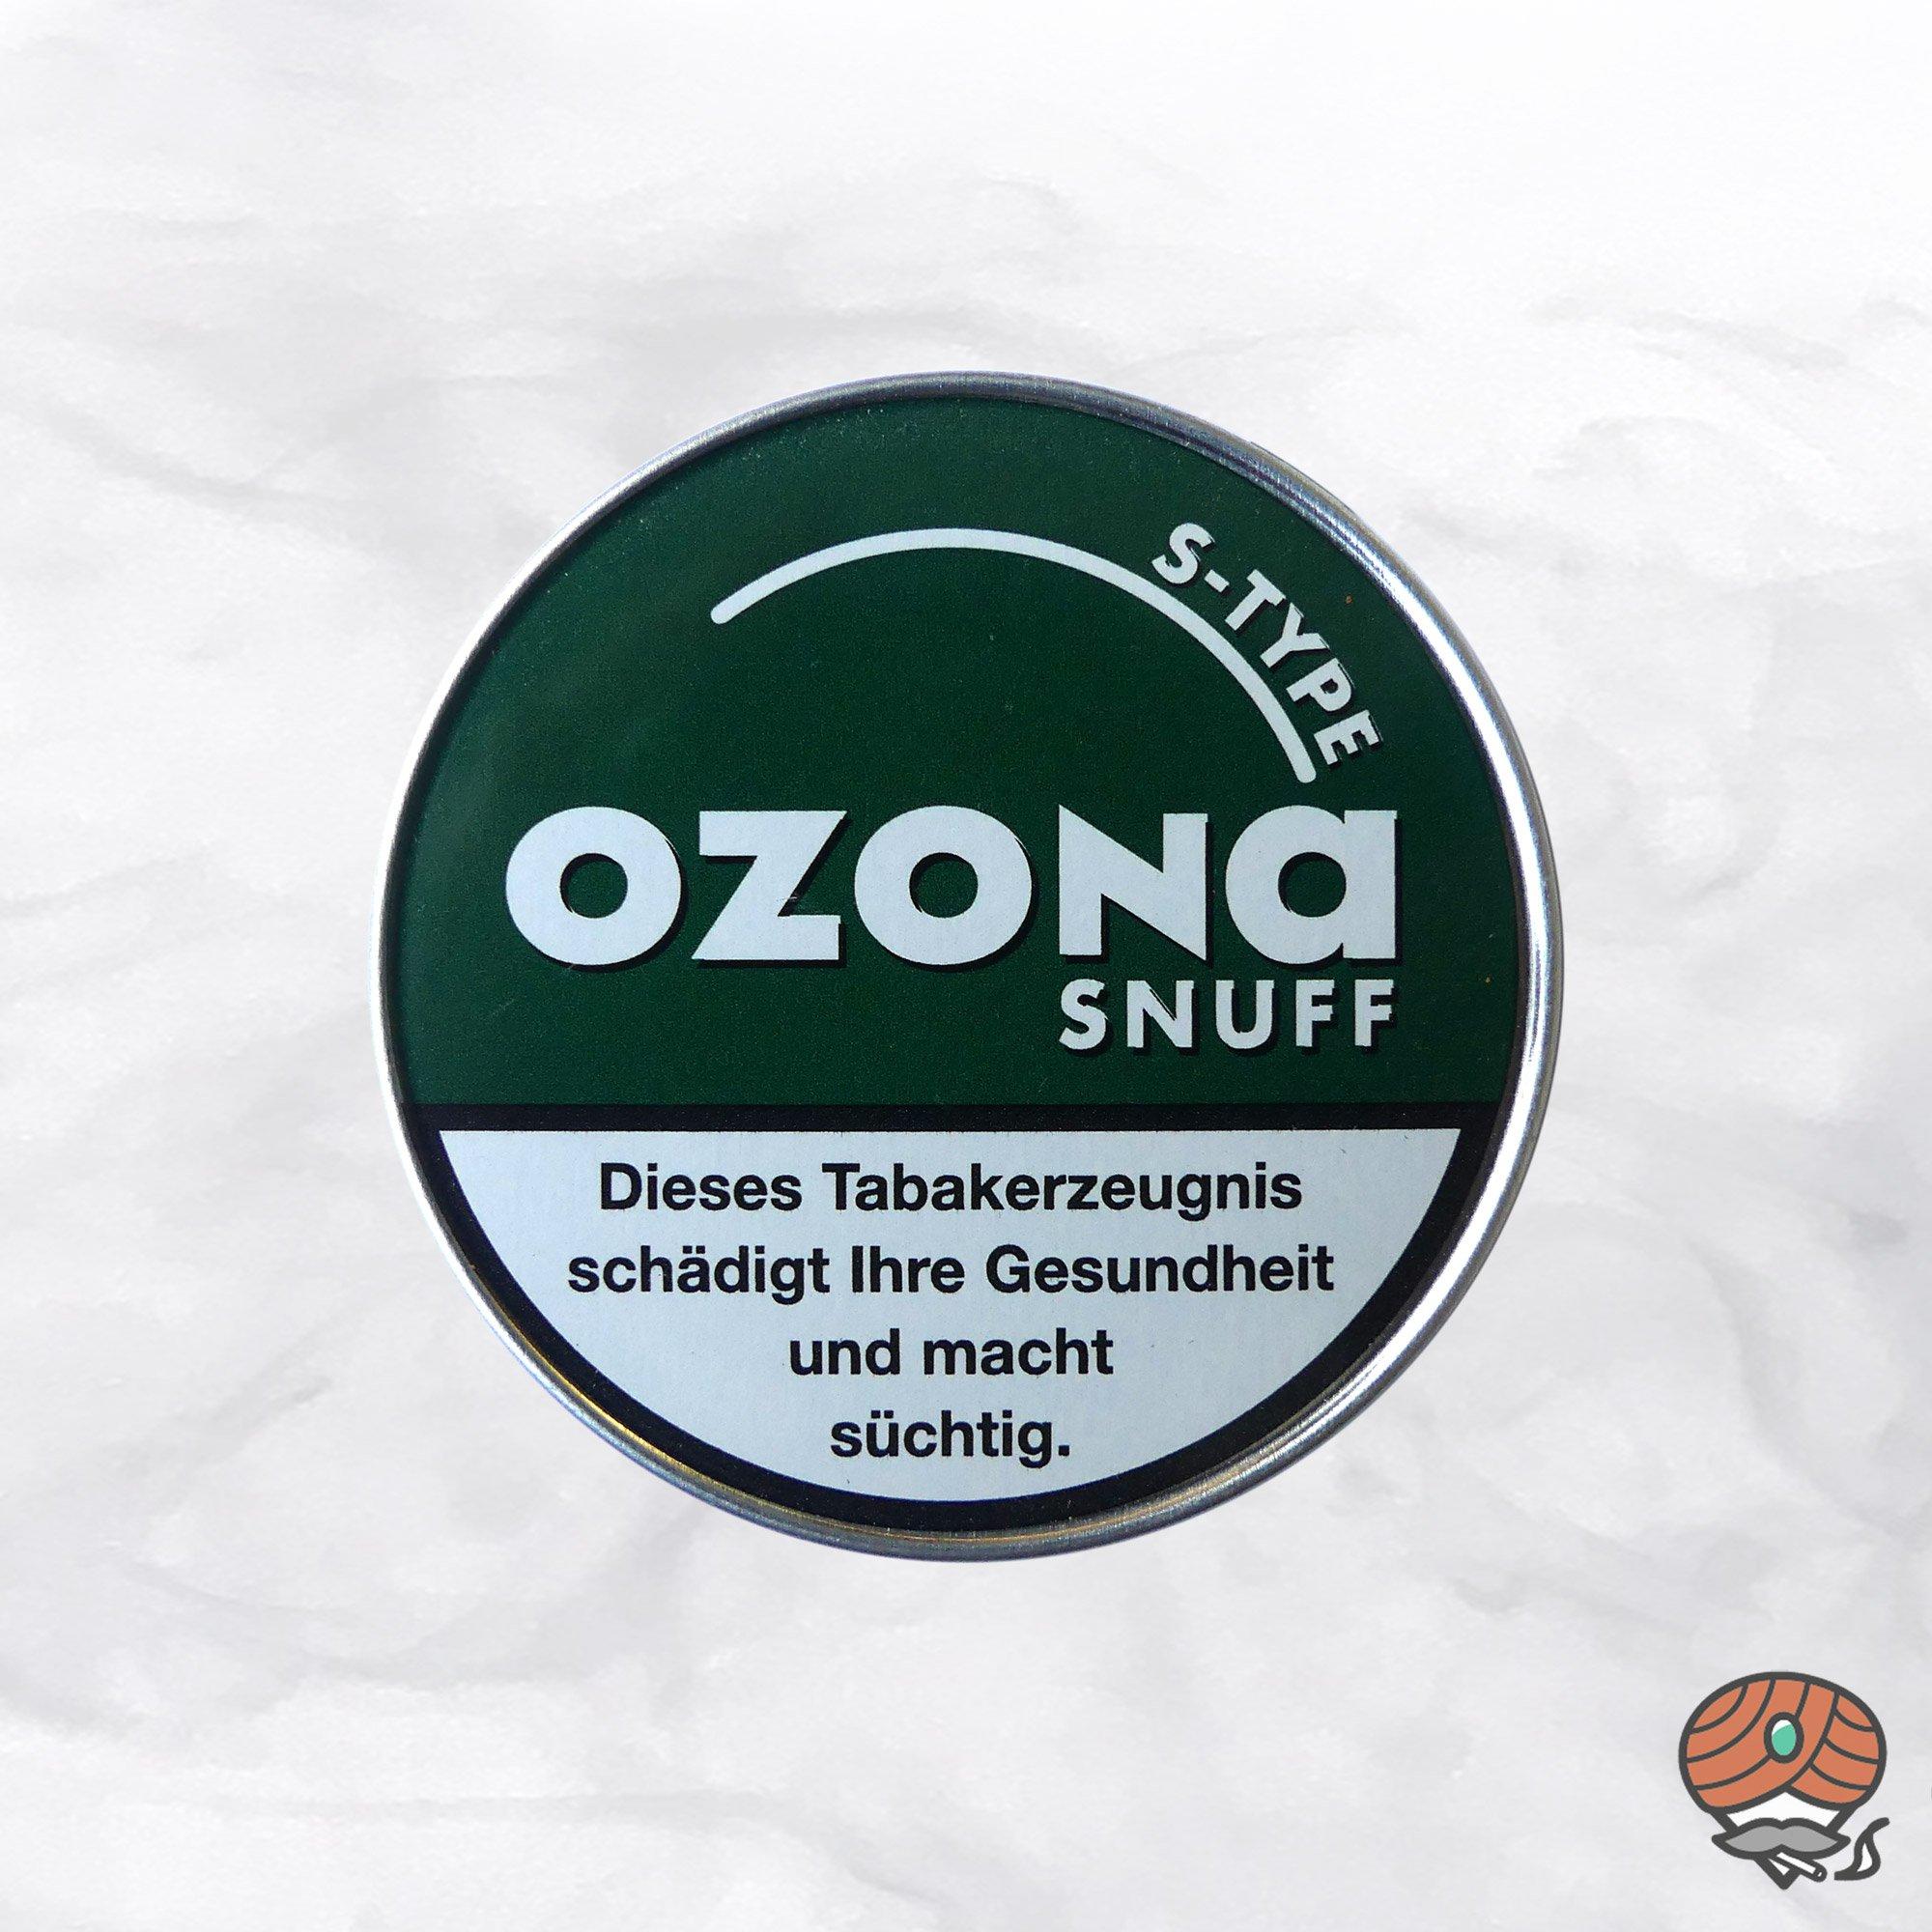 Ozona S-TYPE Snuff Schnupftabak 5g - Menthol